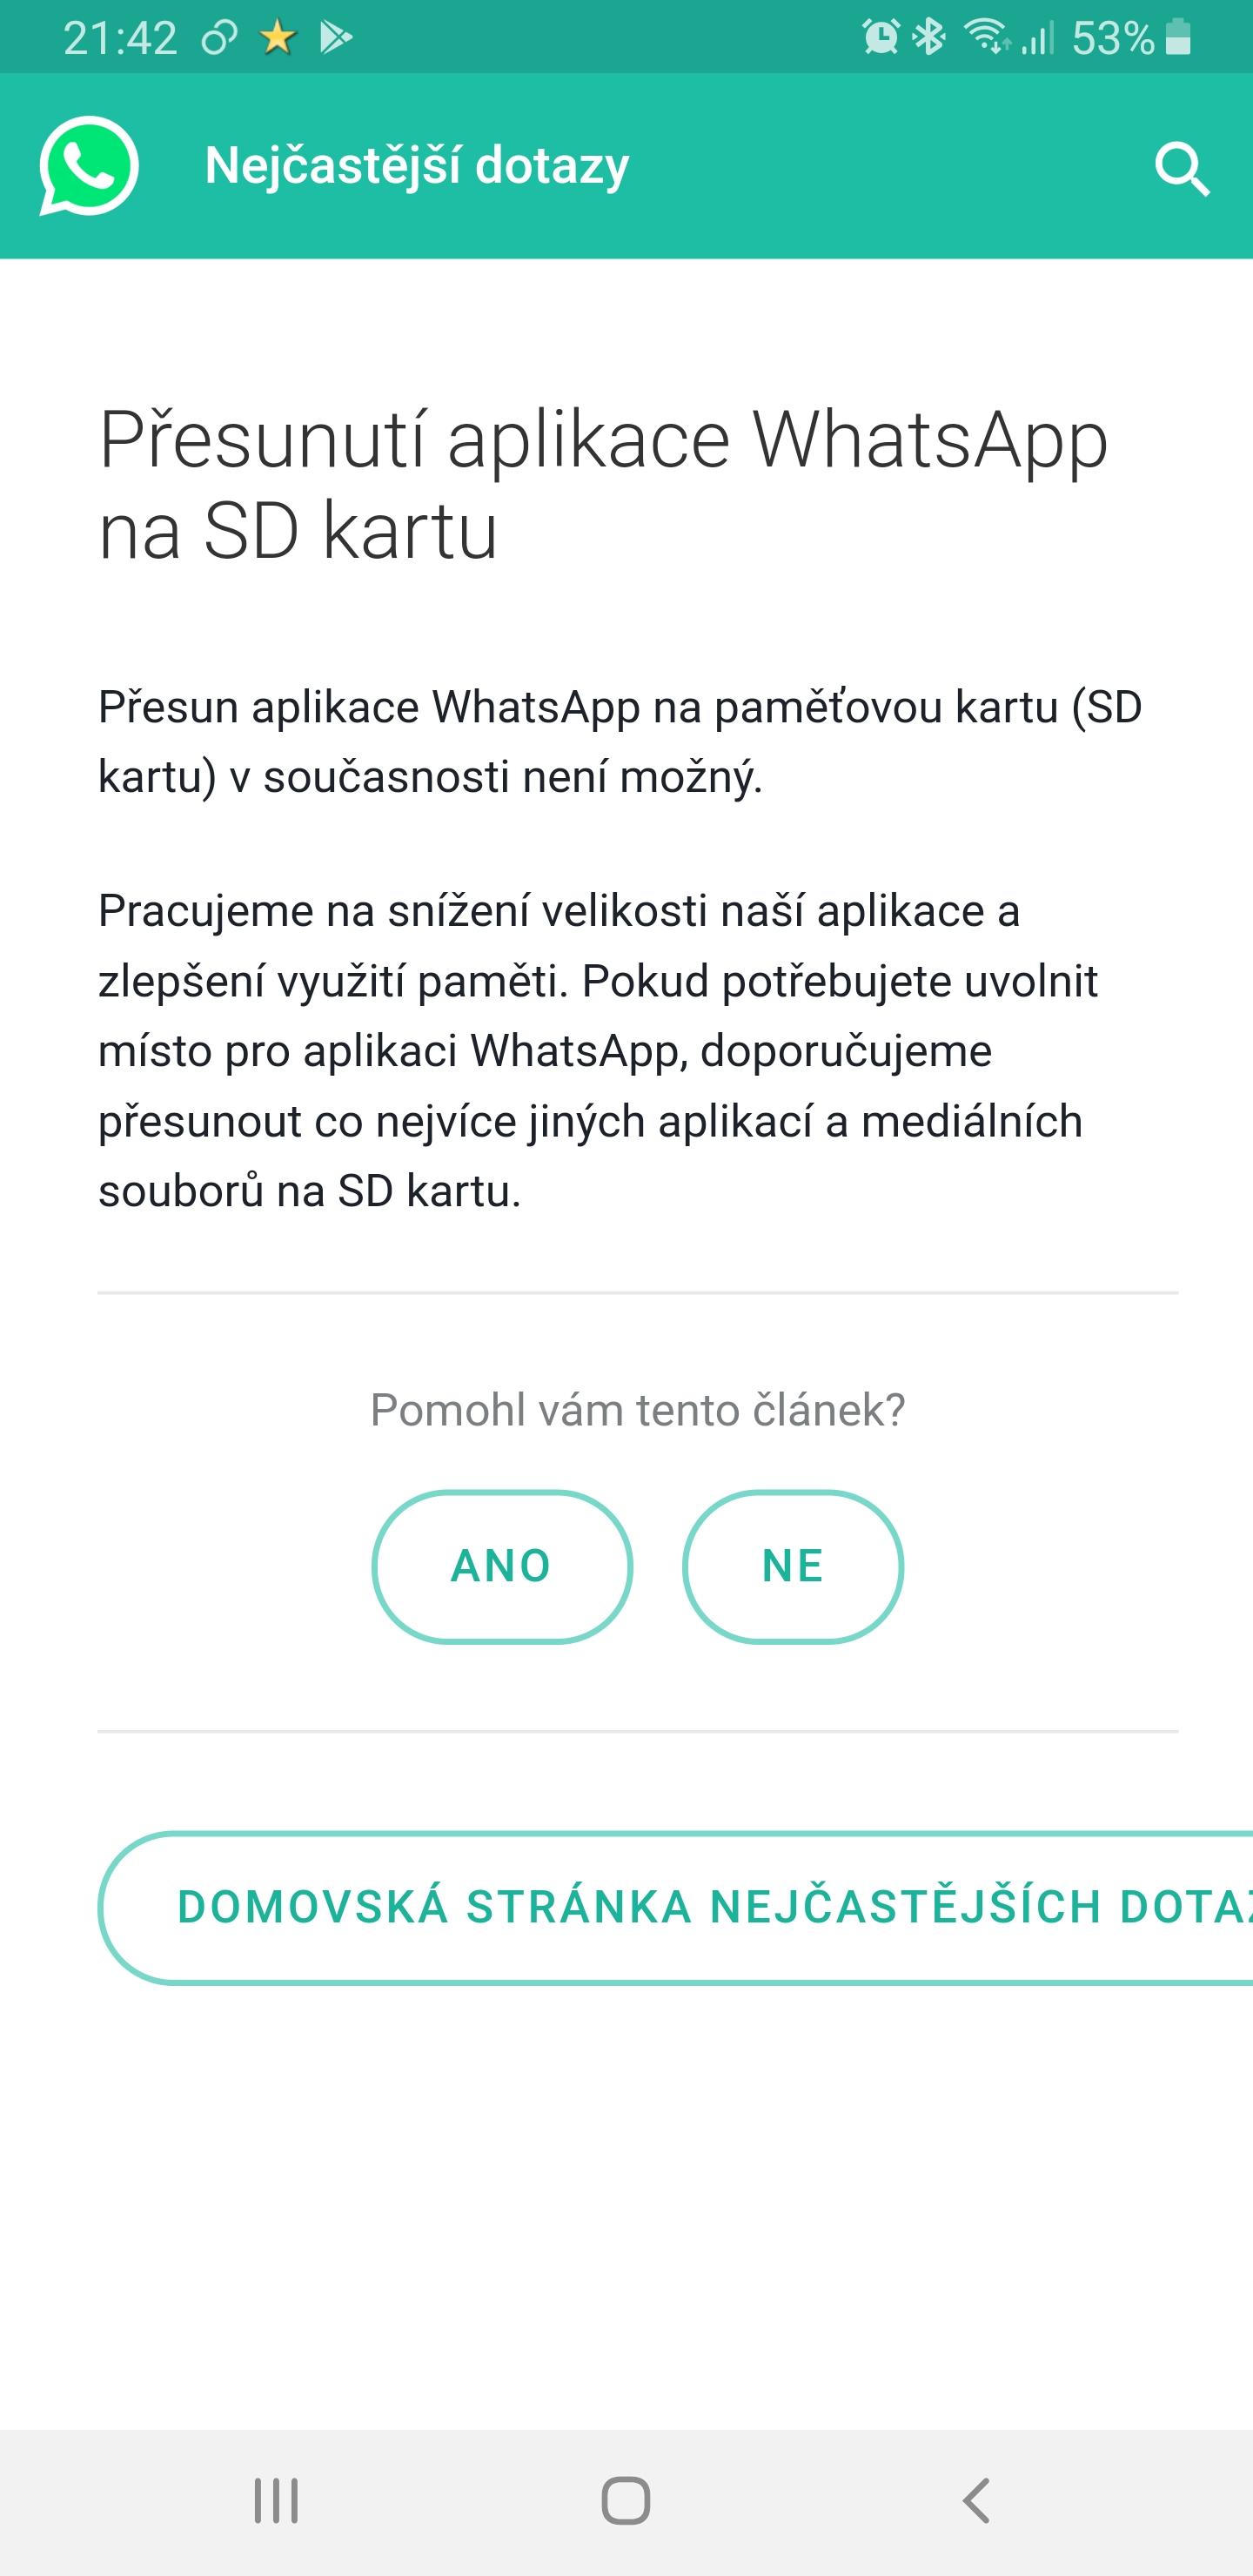 whatsapp auf sd karte verschieben